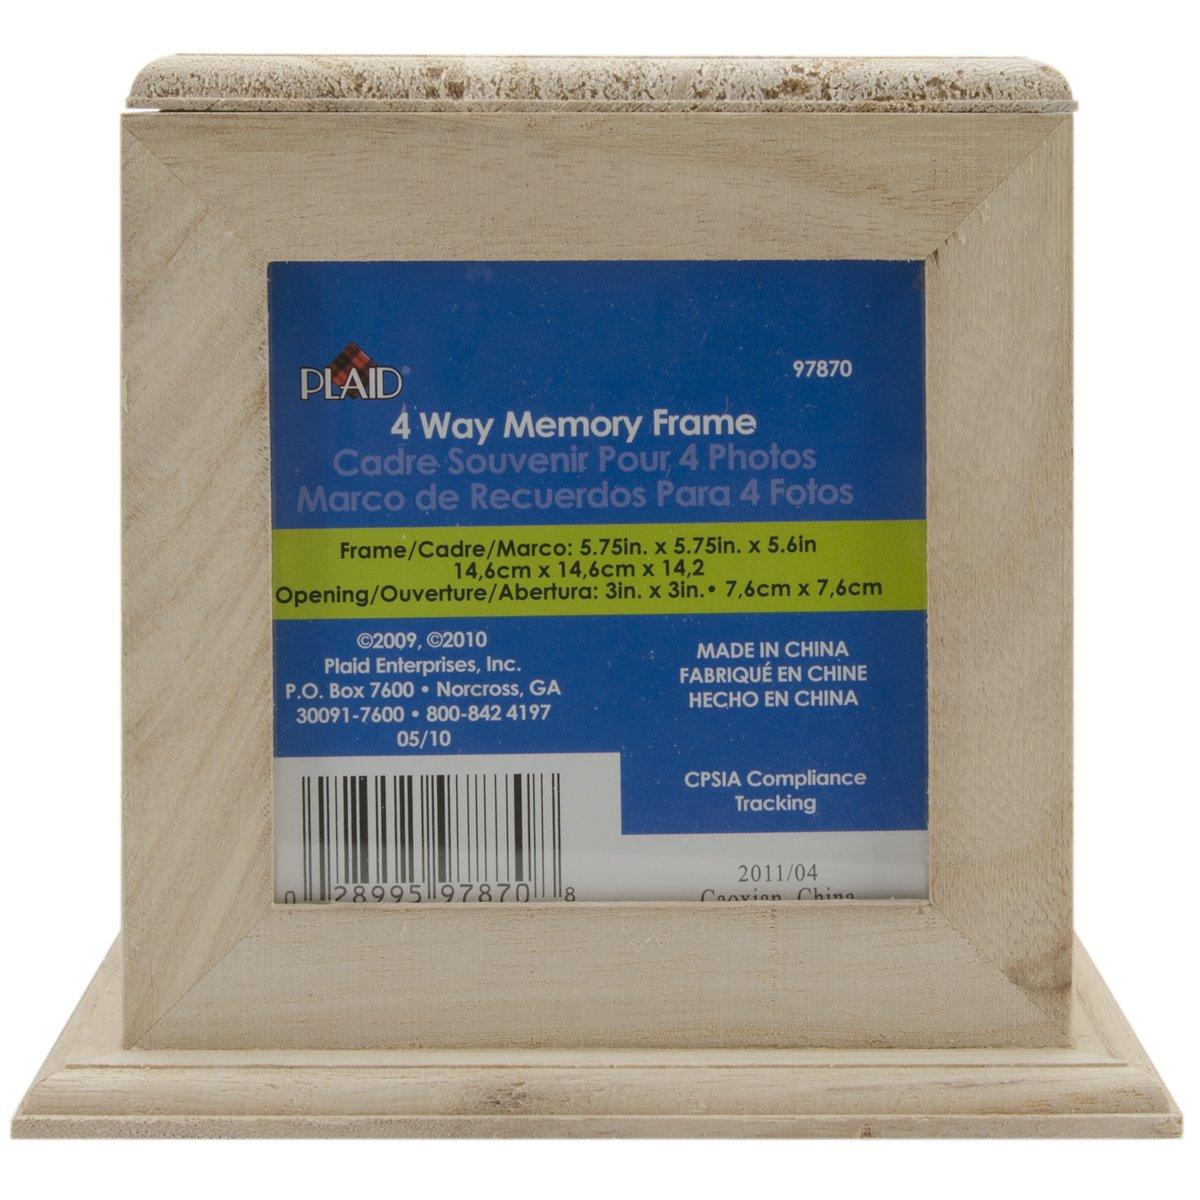 Amazon.com - Plaid 4-Way Memory Frame, 97870 -